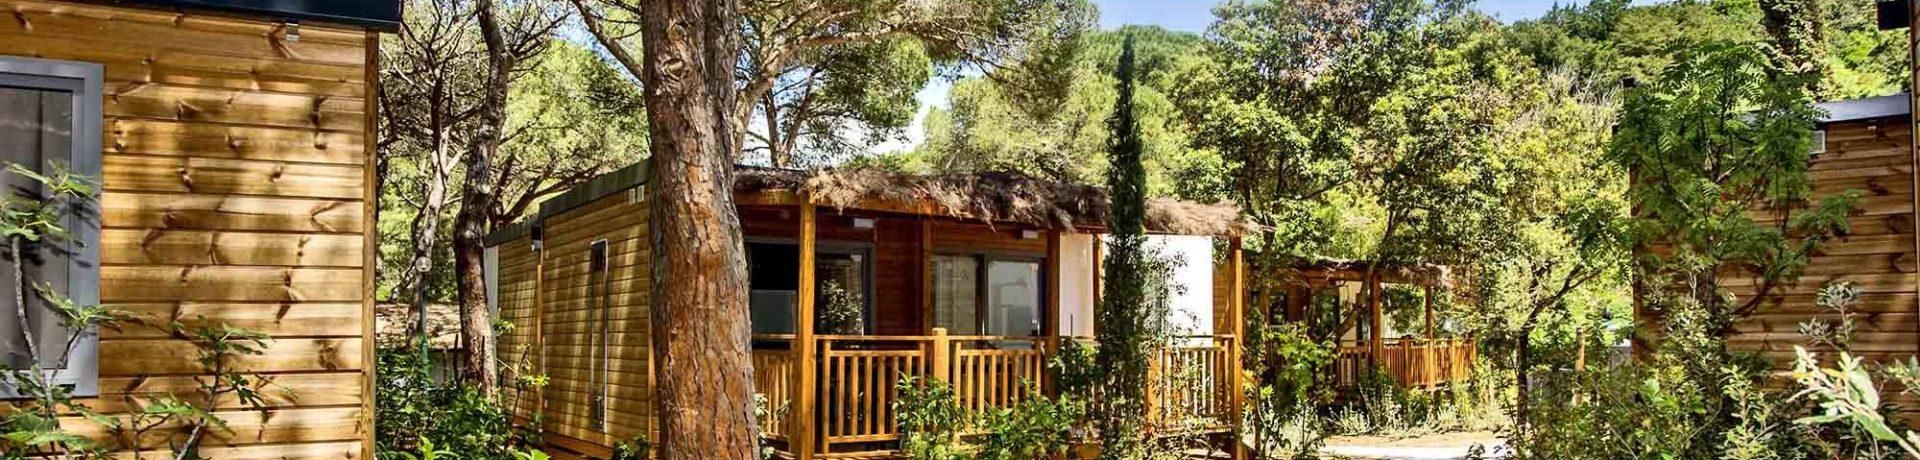 Camping Village Santapomata, direct toegankelijk tot de zee, is gevestigd in de plaats Rocchette op slechts 5 km van het centrum van Castiglione della Pescaia.